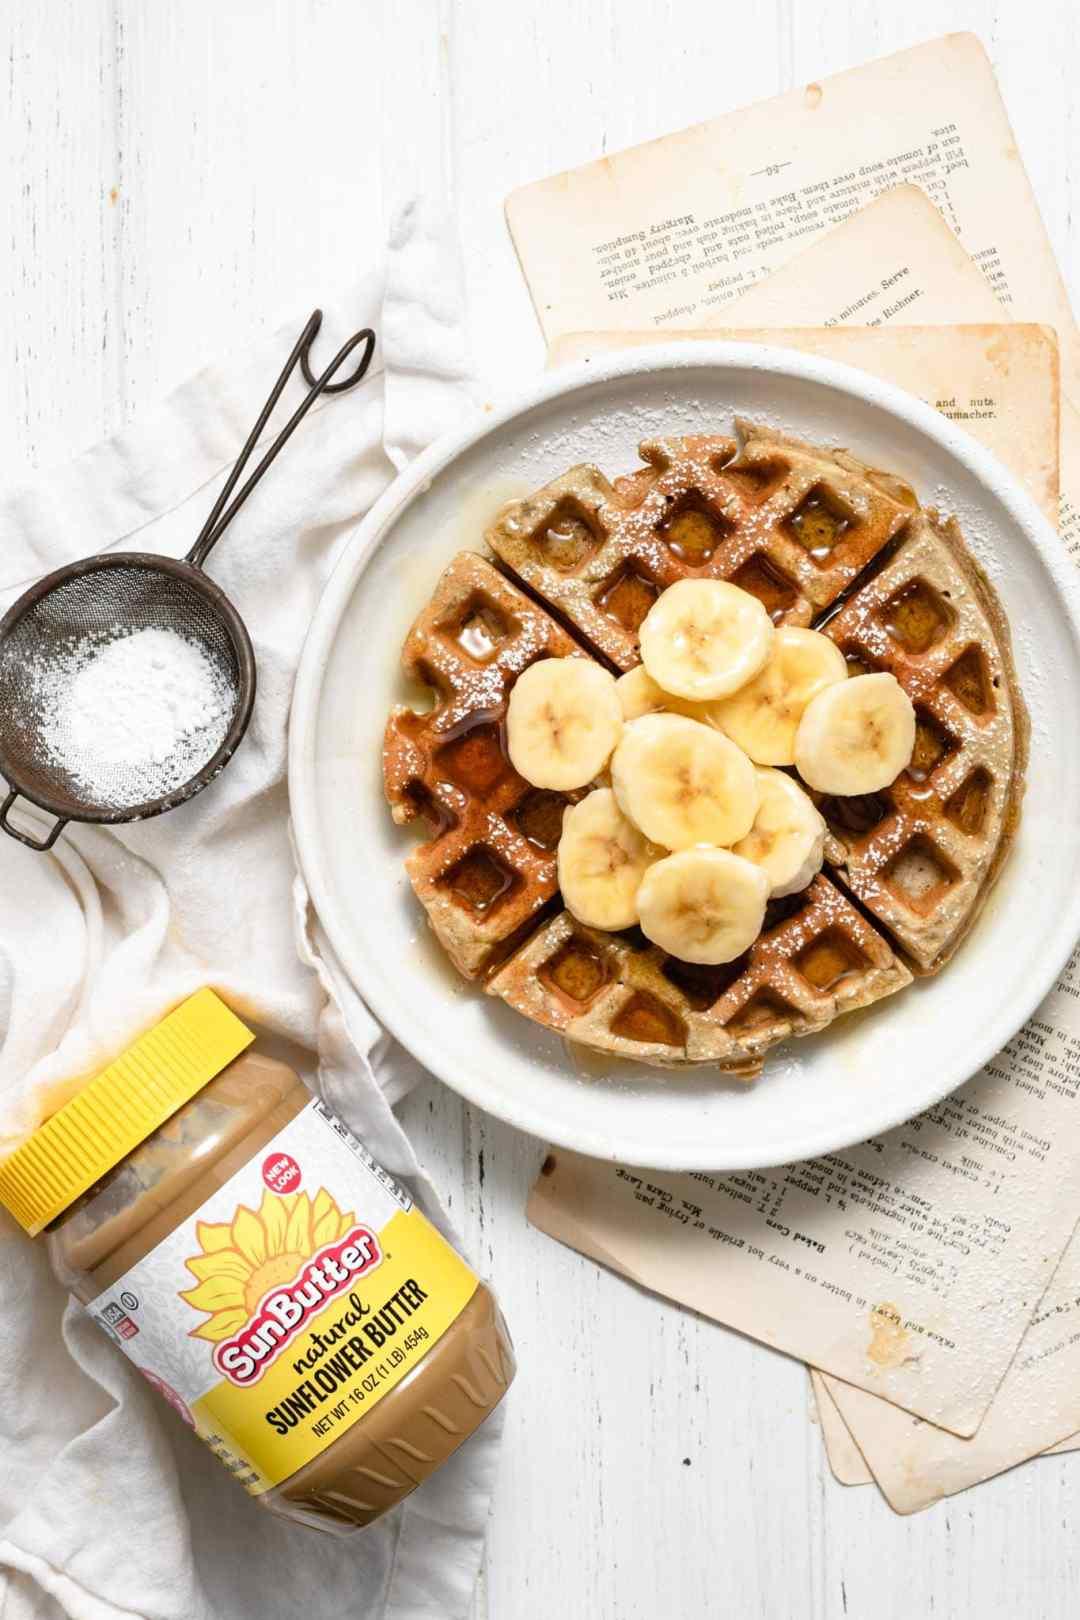 SunButter Sunflower Butter and Banana Waffles with honey.